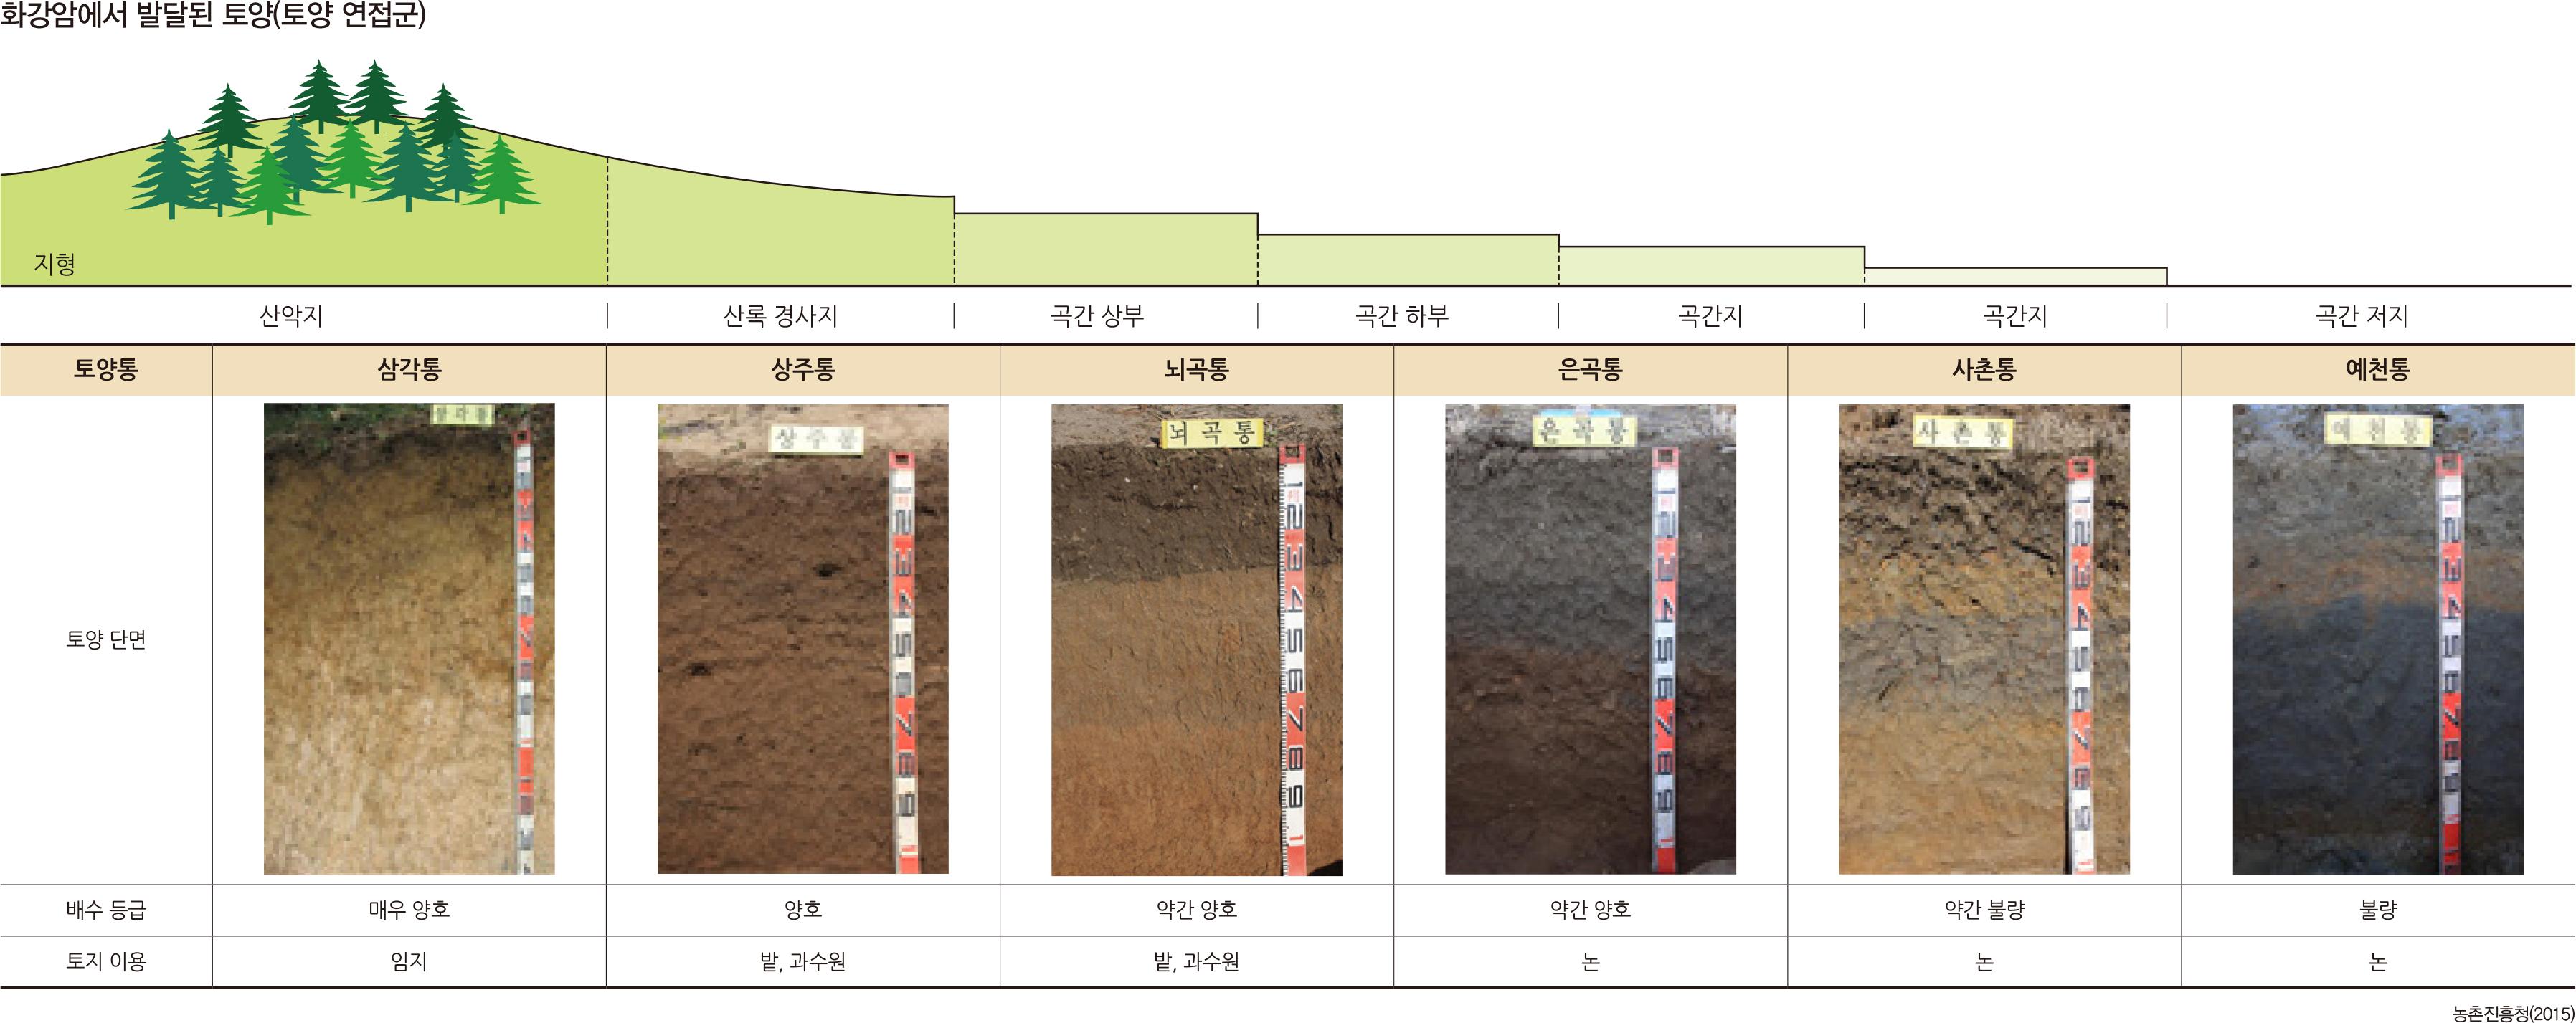 화강암에서 발달된 토양(토양 연접군)